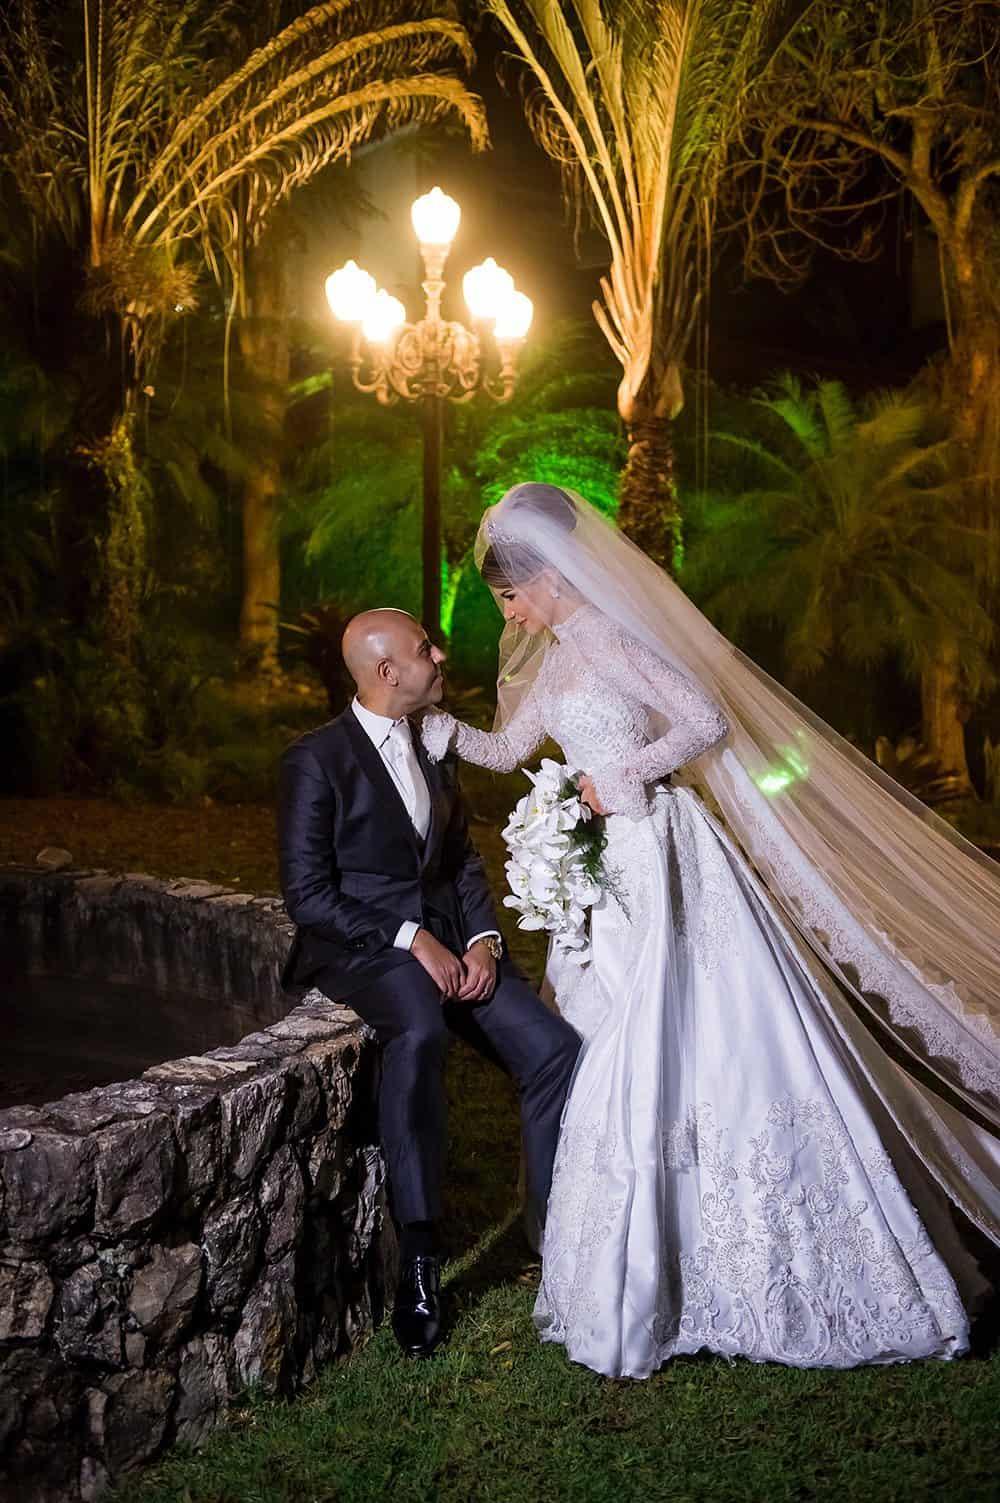 casamento-rafaella-santos-e-jaime-25